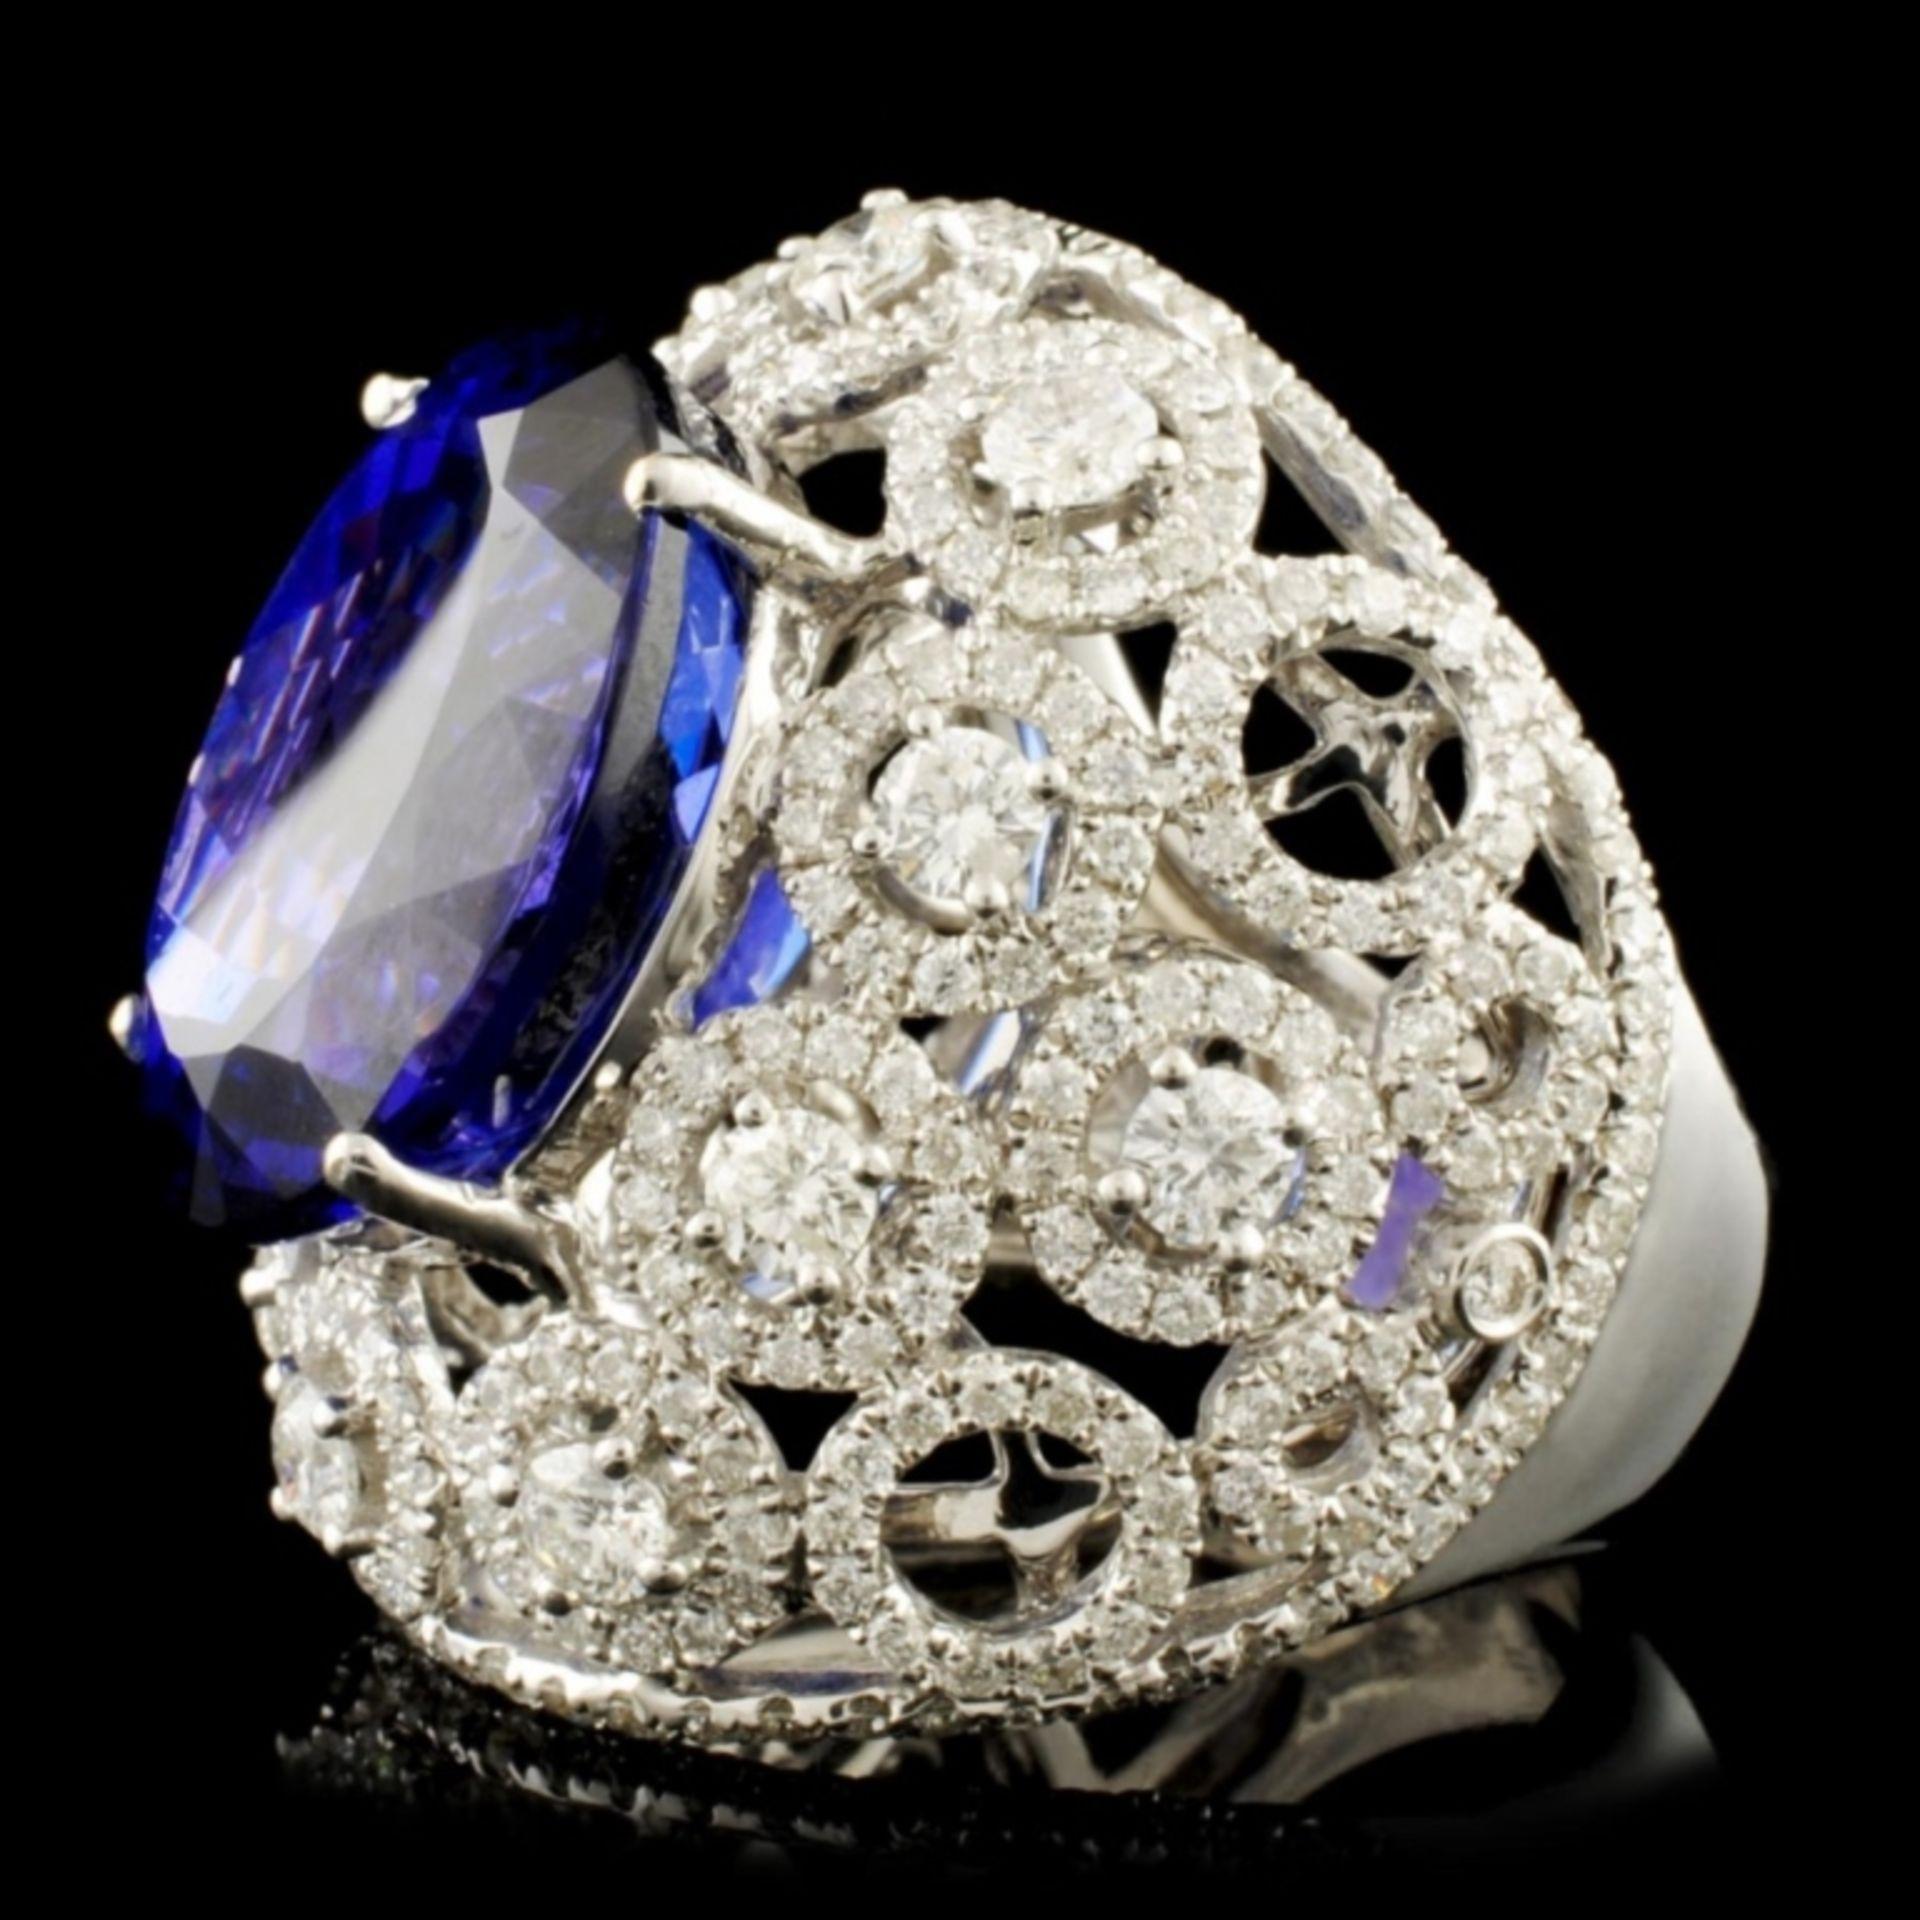 18K Gold 15.49ct Tanzanite & 2.68ctw Diamond Ring - Image 4 of 5